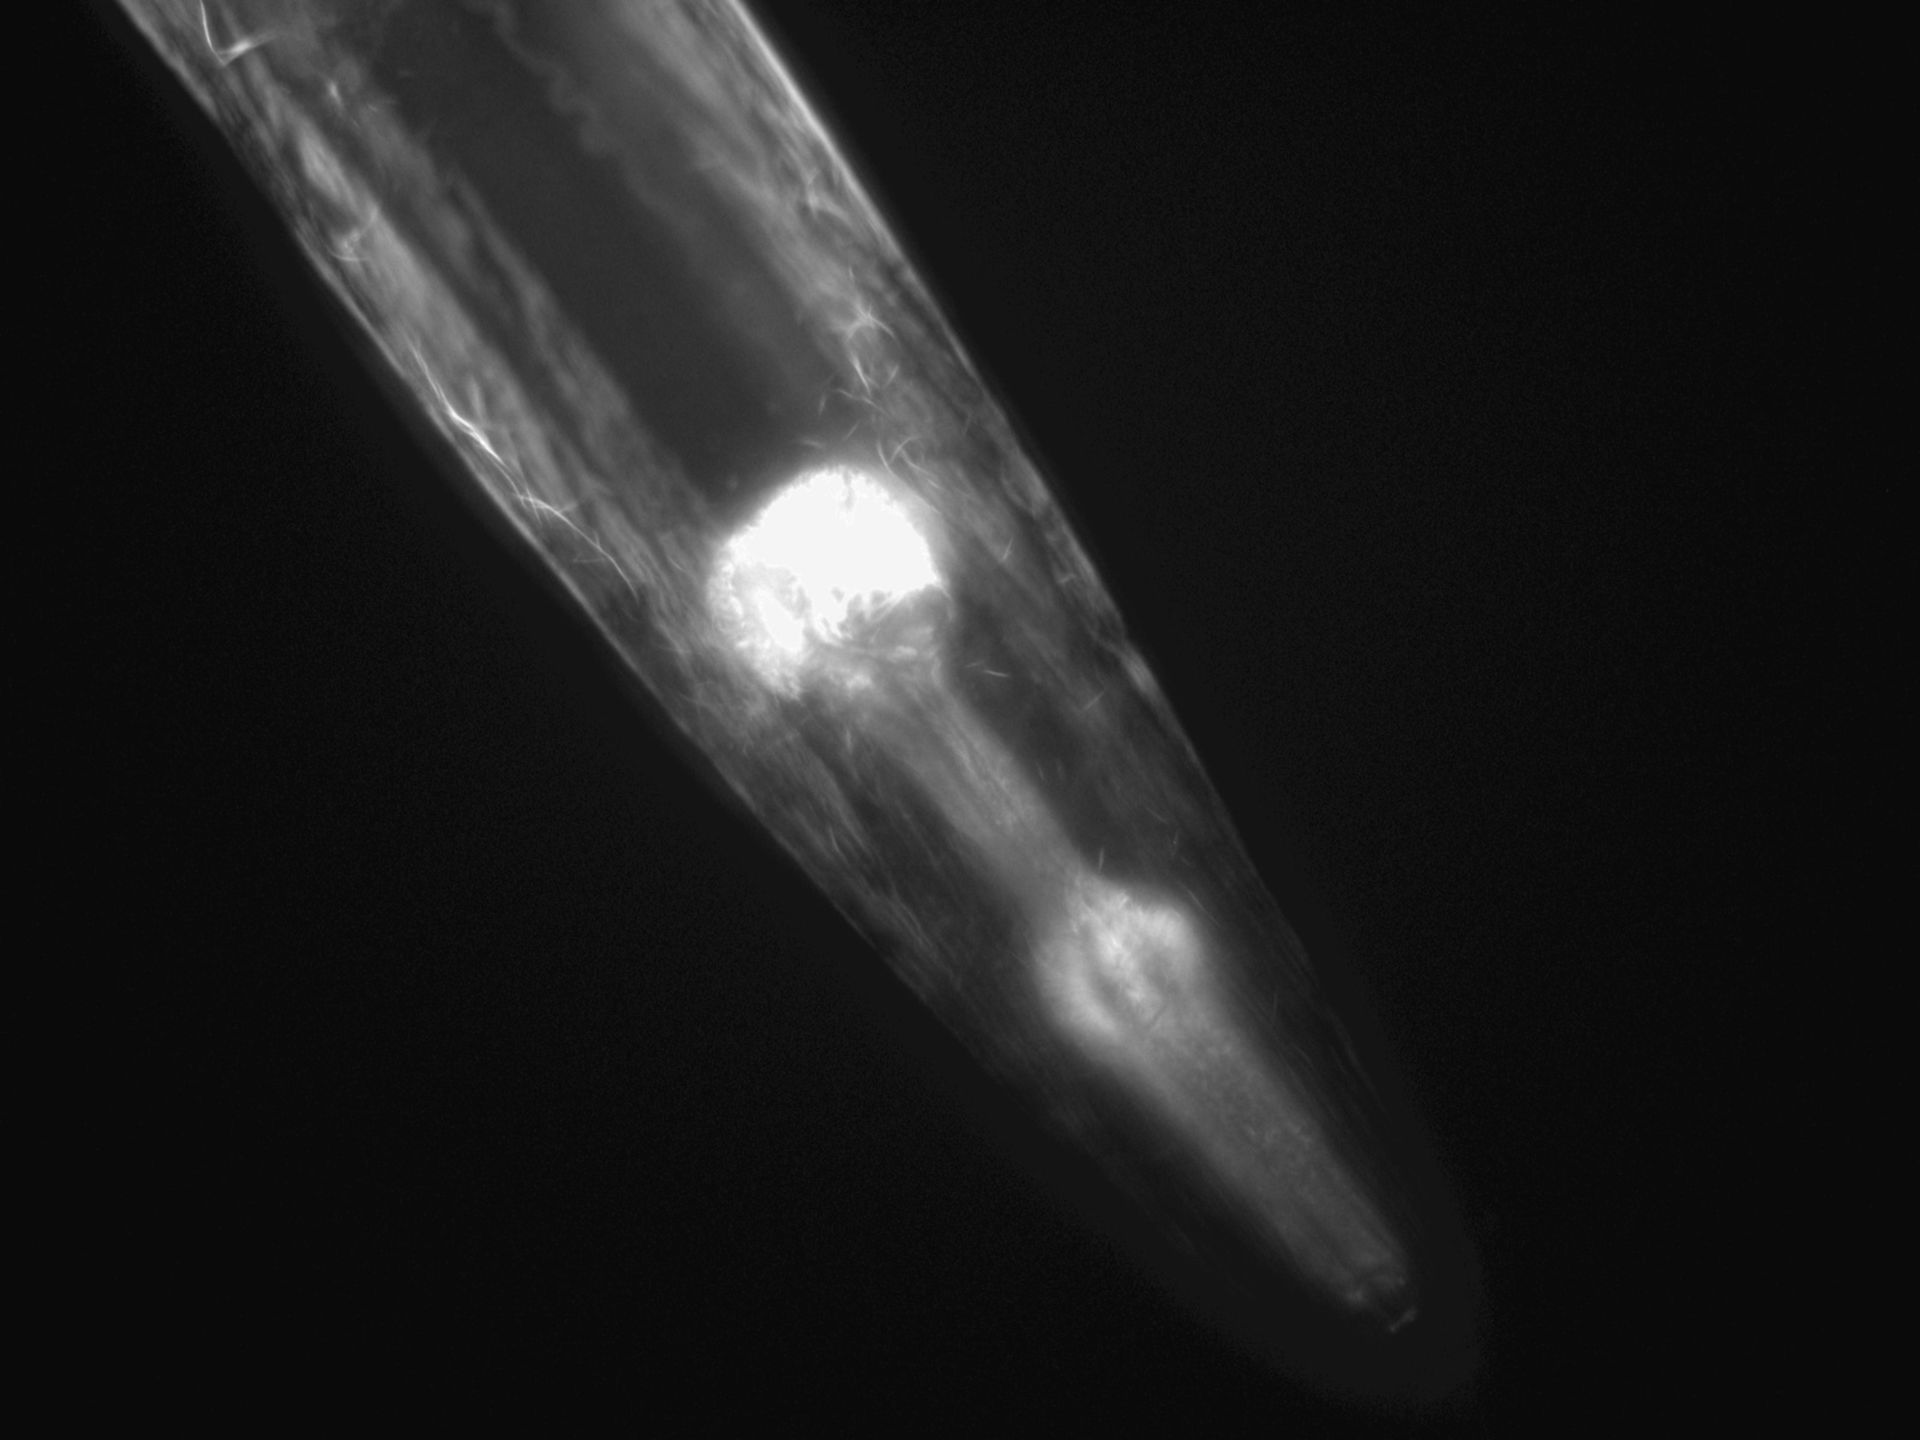 Caenorhabditis elegans (Actin filament) - CIL:1271